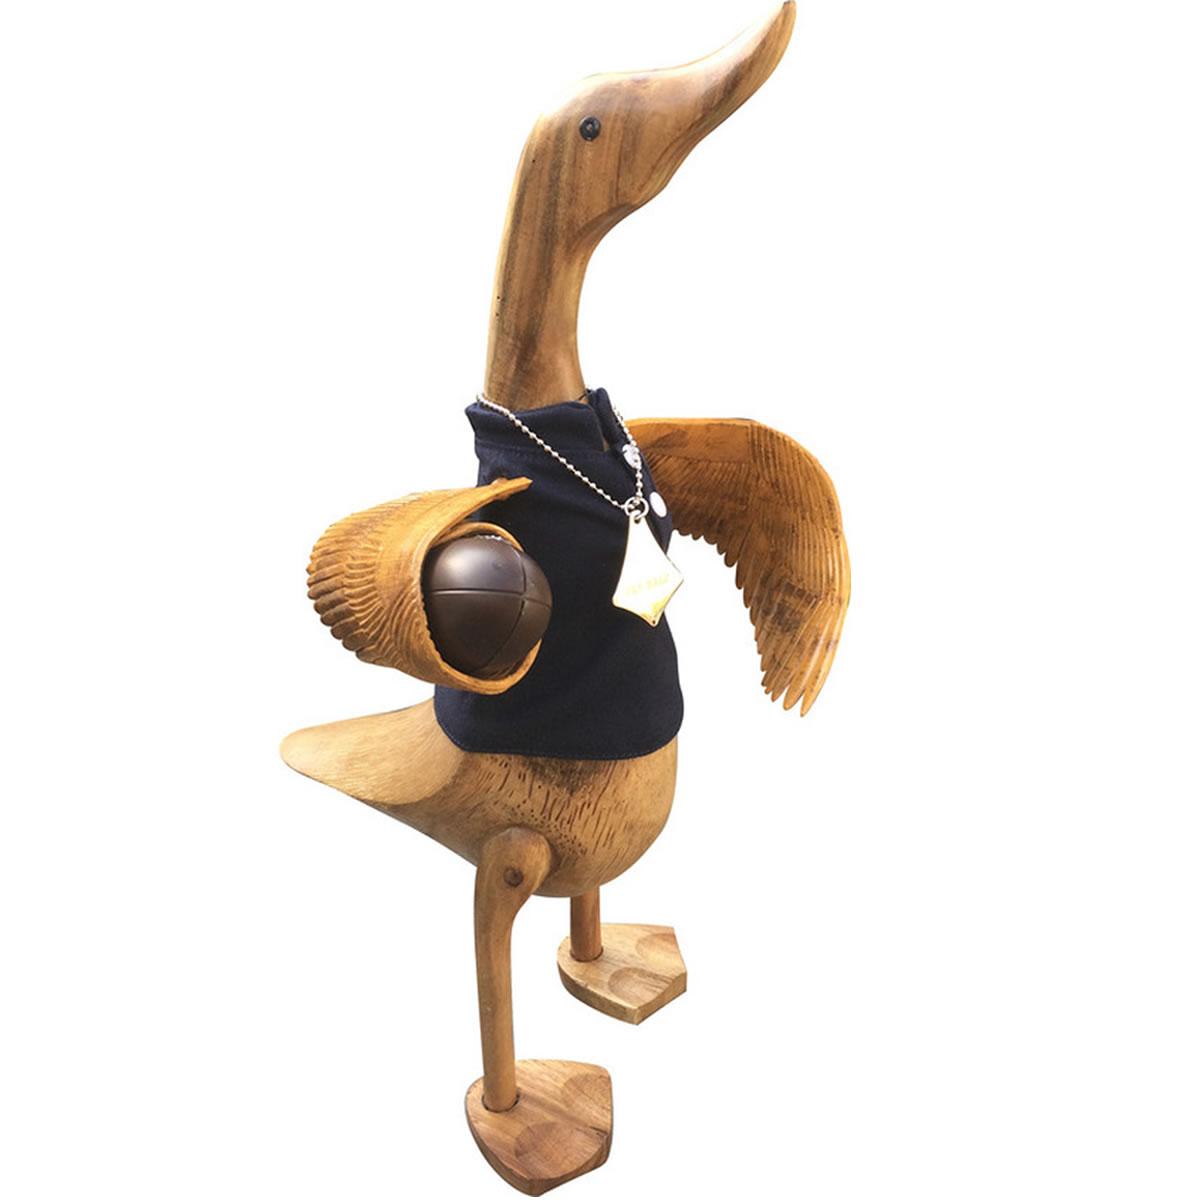 Scotland Wooden Duck Wearing Black Shirt